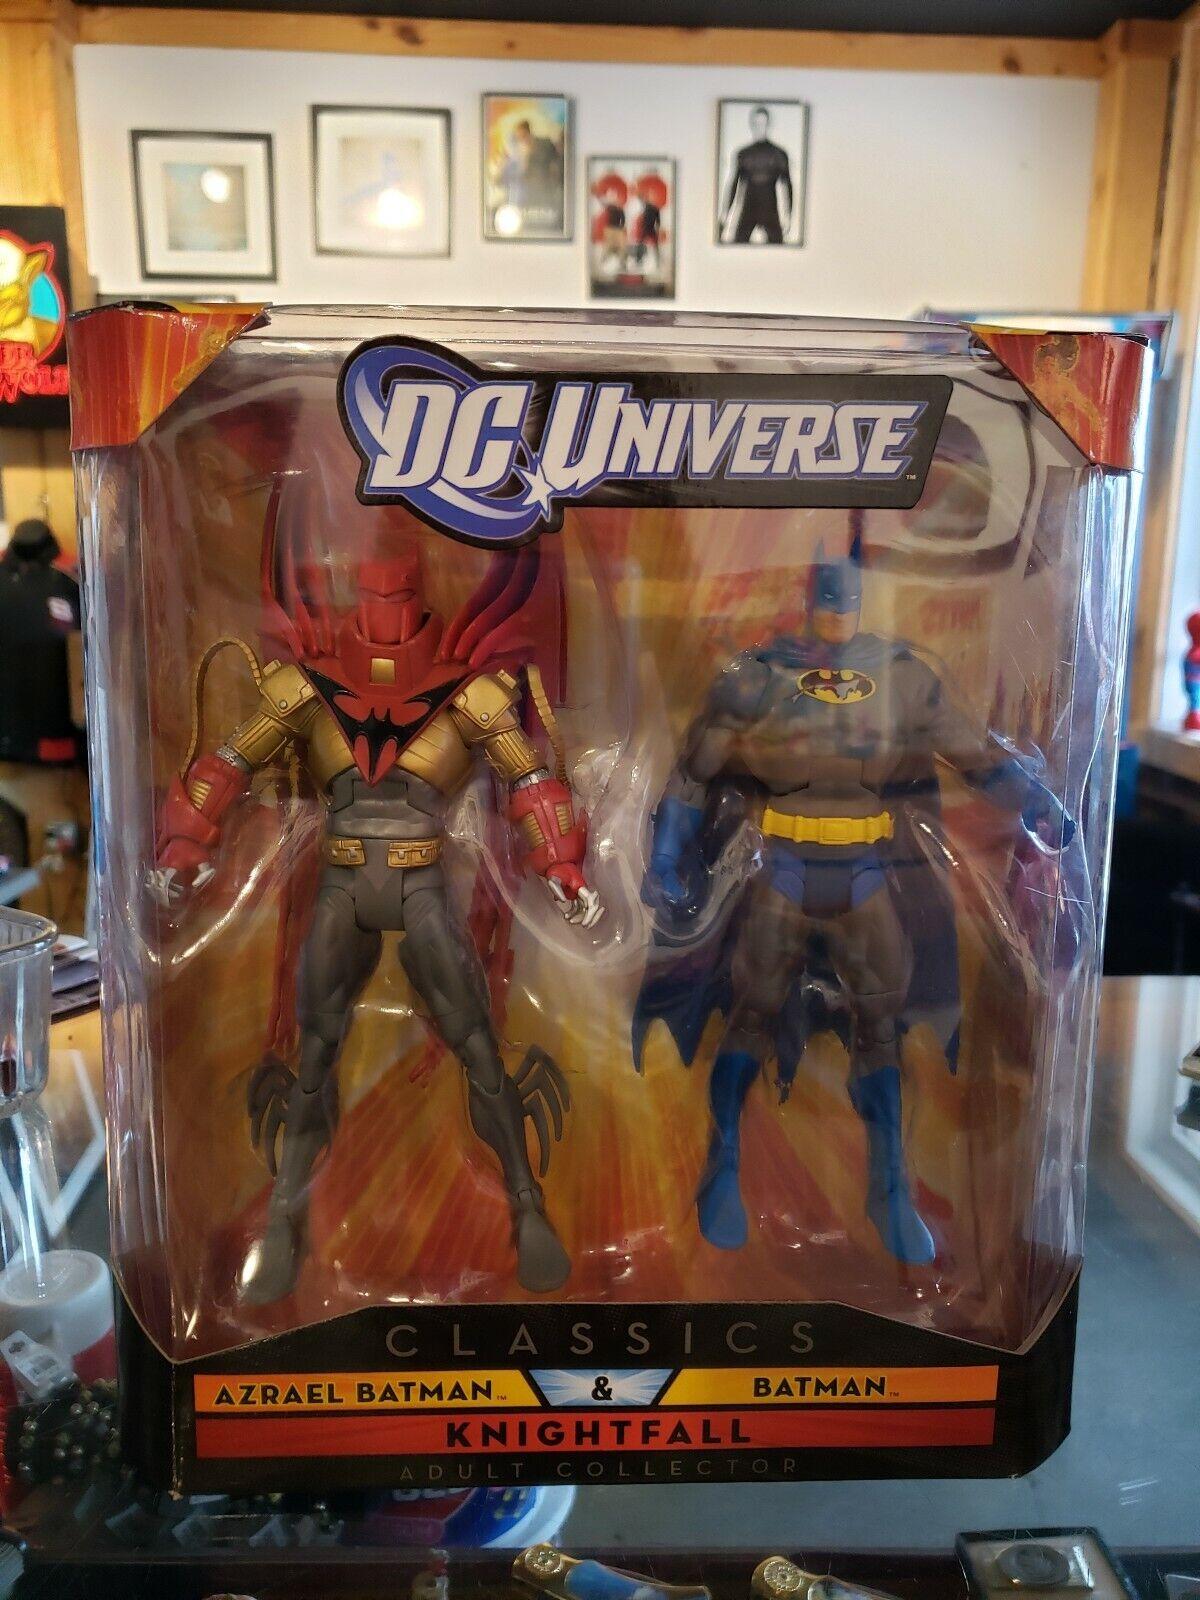 DC UNIVERSE CLASSICS KNIGHTFALL AZRAEL BATMAN & BATMAN ACTION FIGURE SET